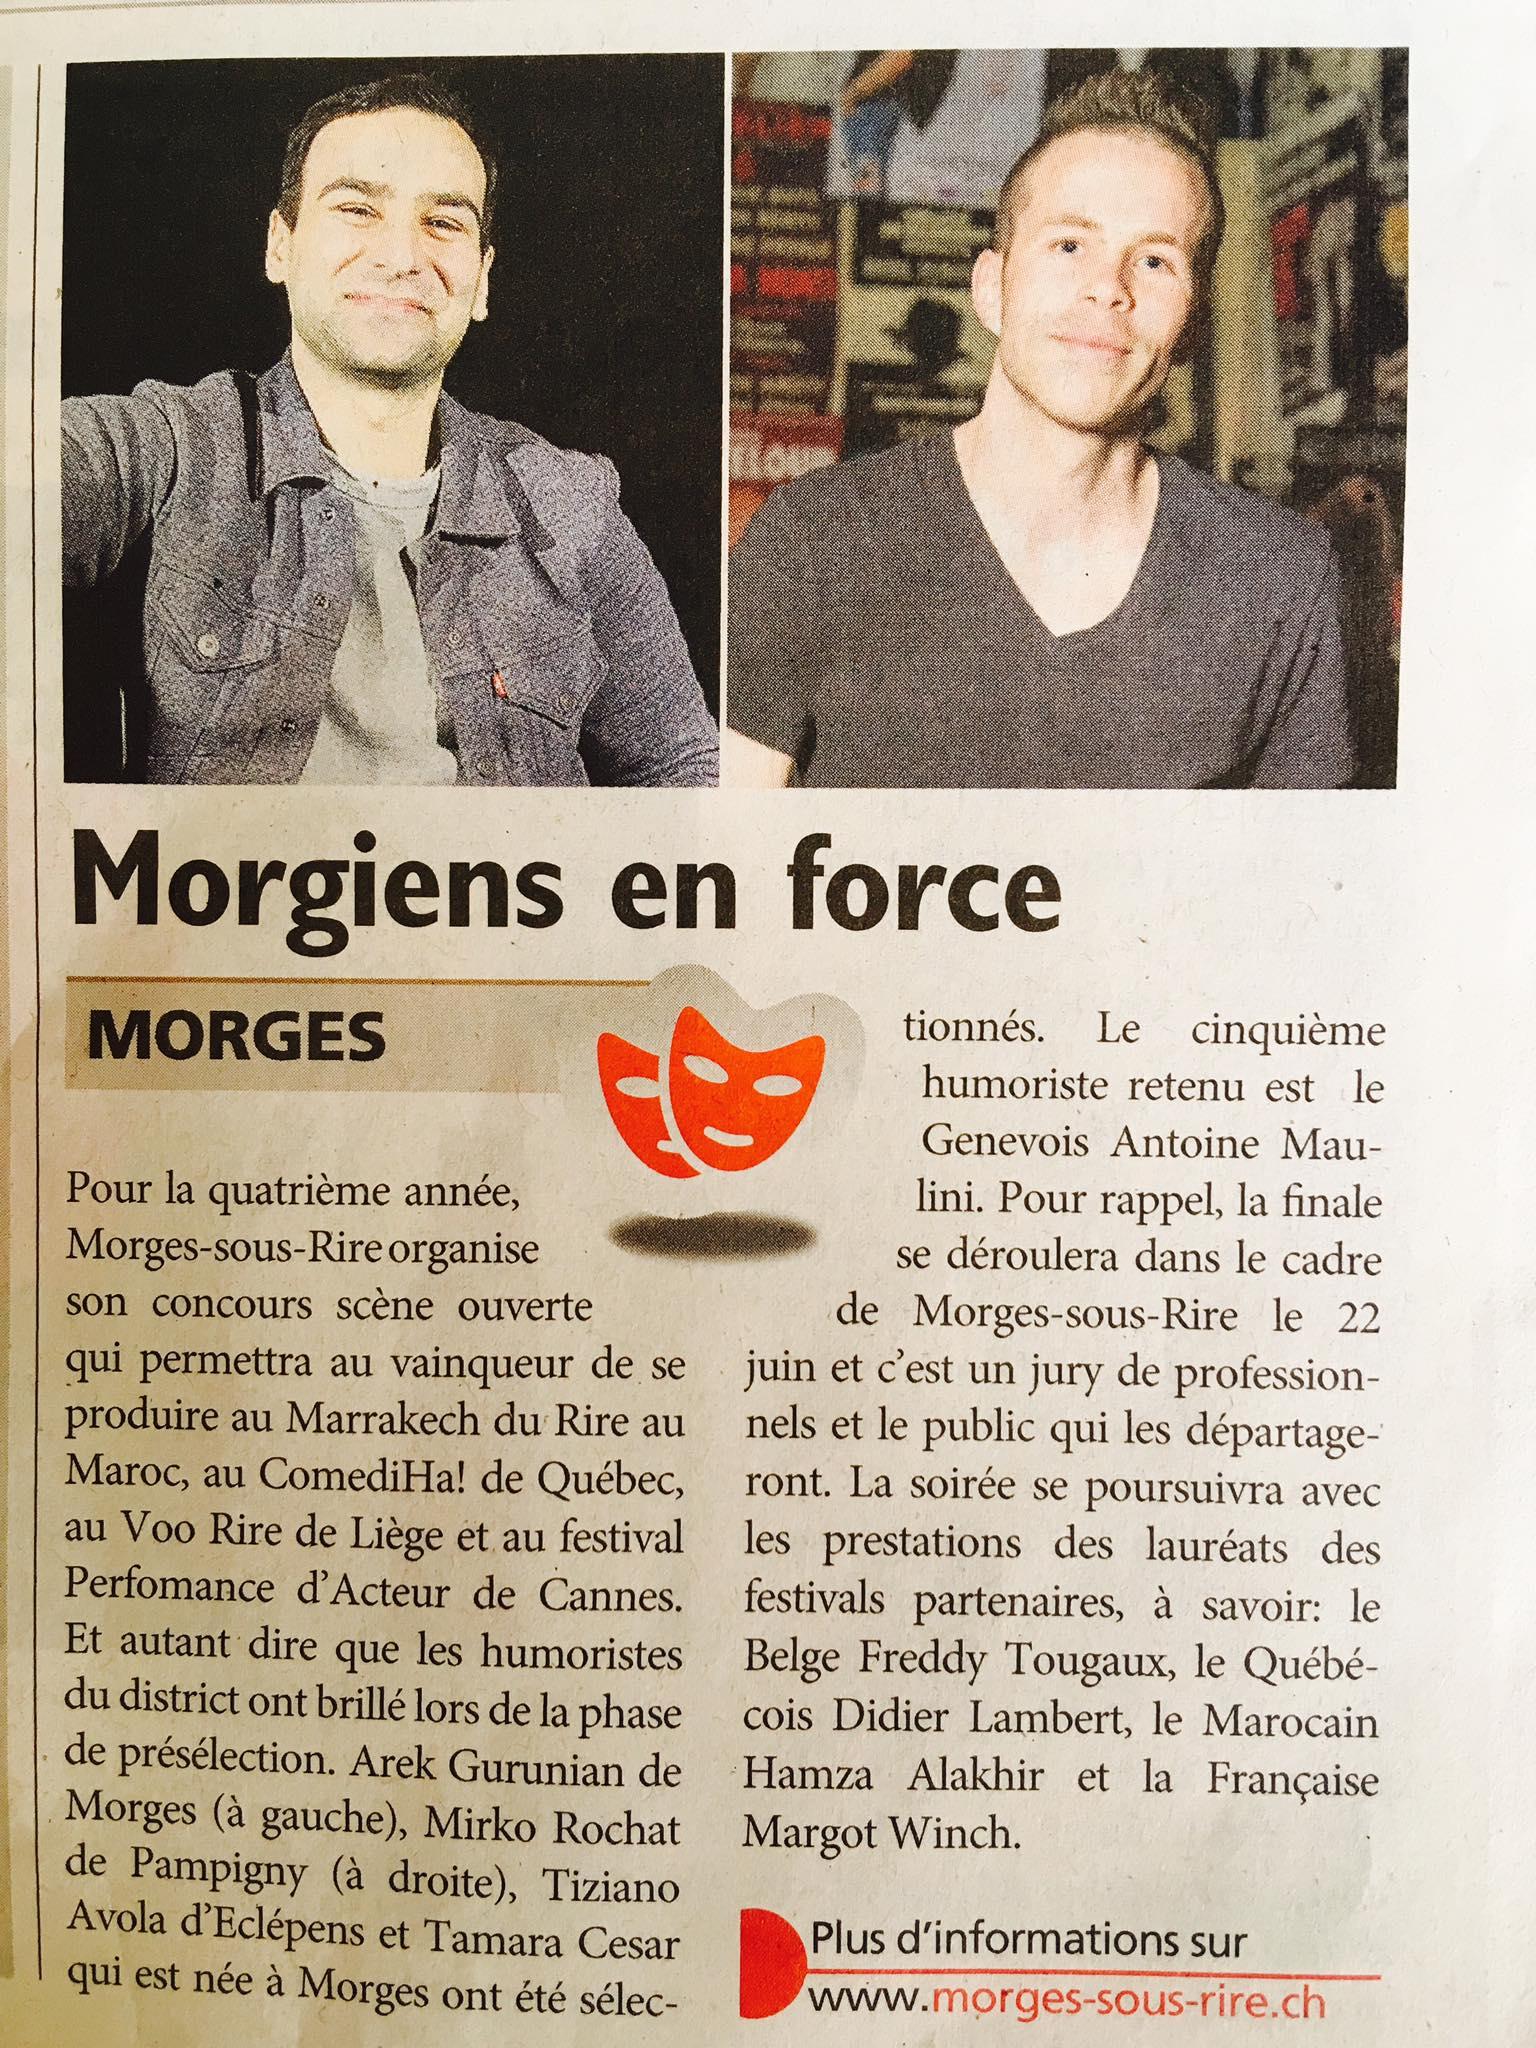 Mirko Rochat - Journal de Morges 12 mai 2017 en rapport avec le Festival Morges Sous Rire, Concours scène Ouverte